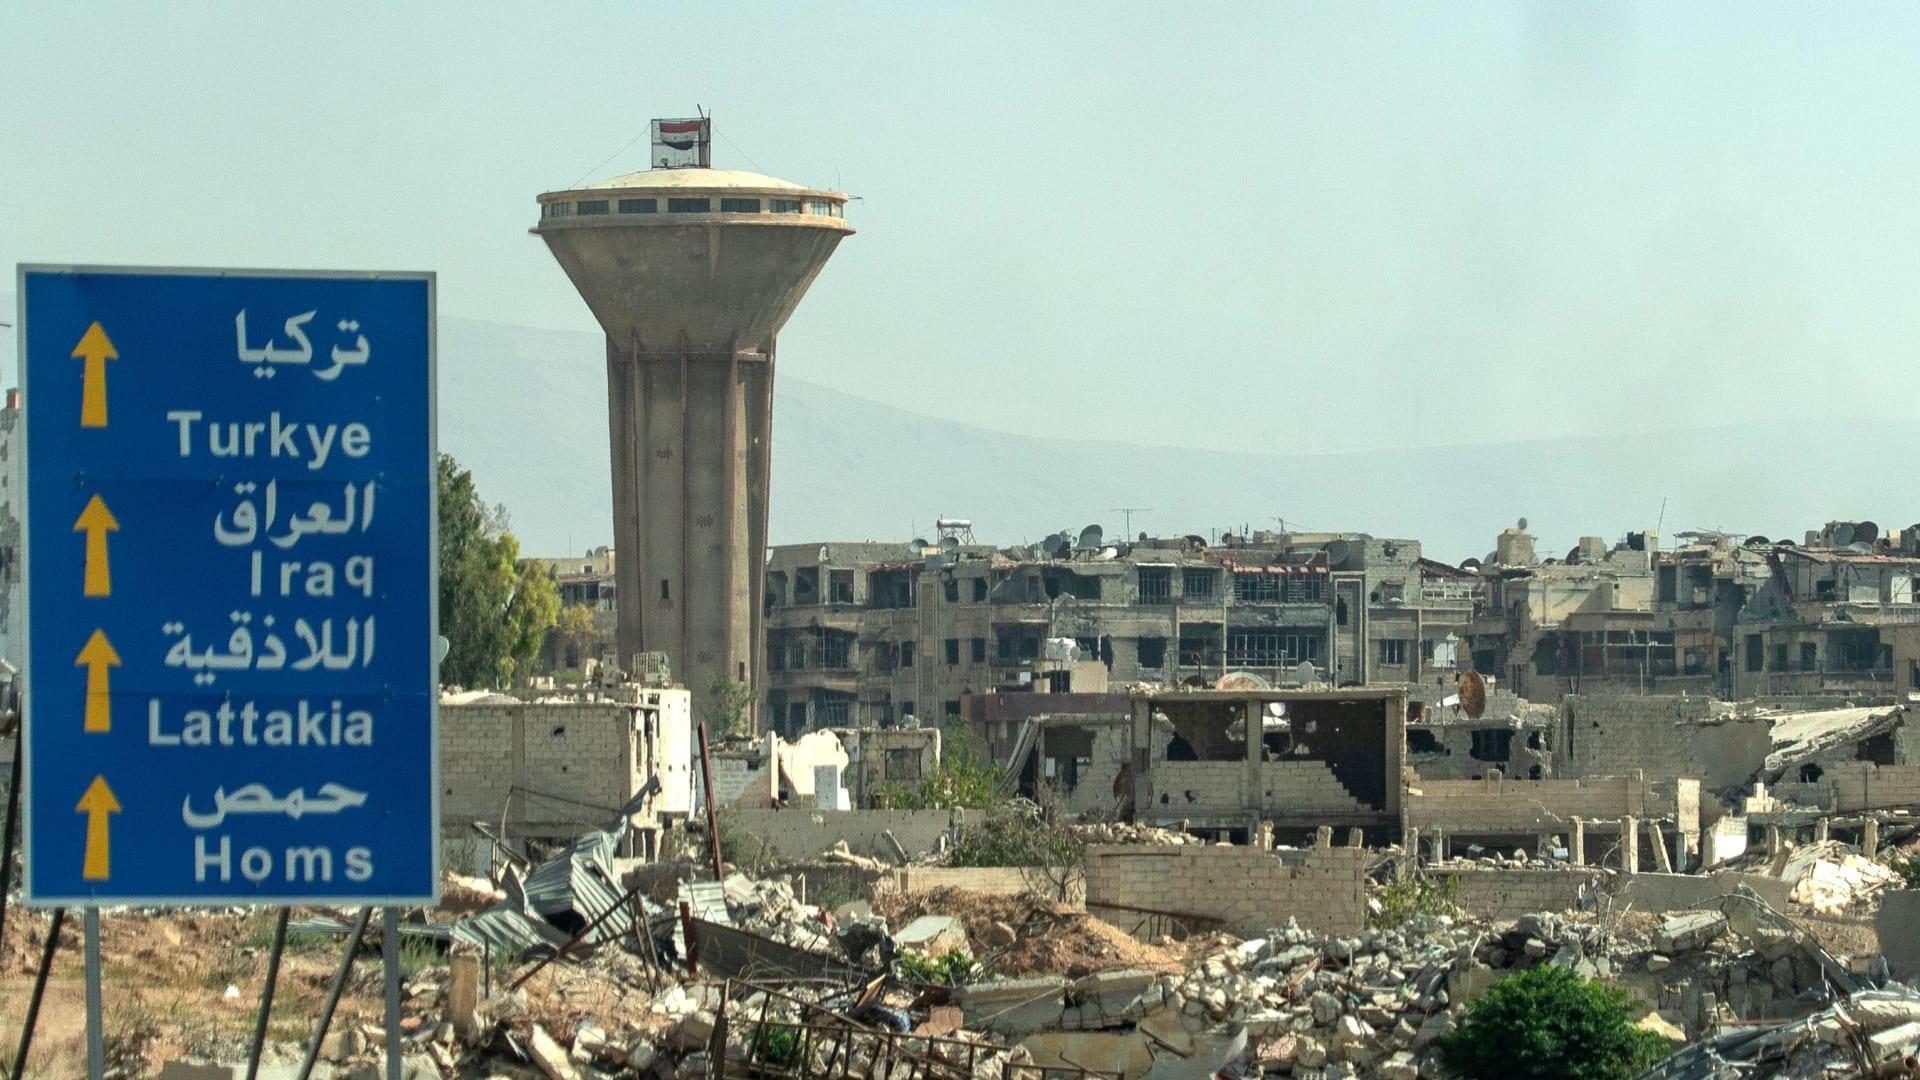 بينهم عسكريين.. اكتشاف مقبرة جماعية تضم 70 جثة في غوطة دمشق الشرقية